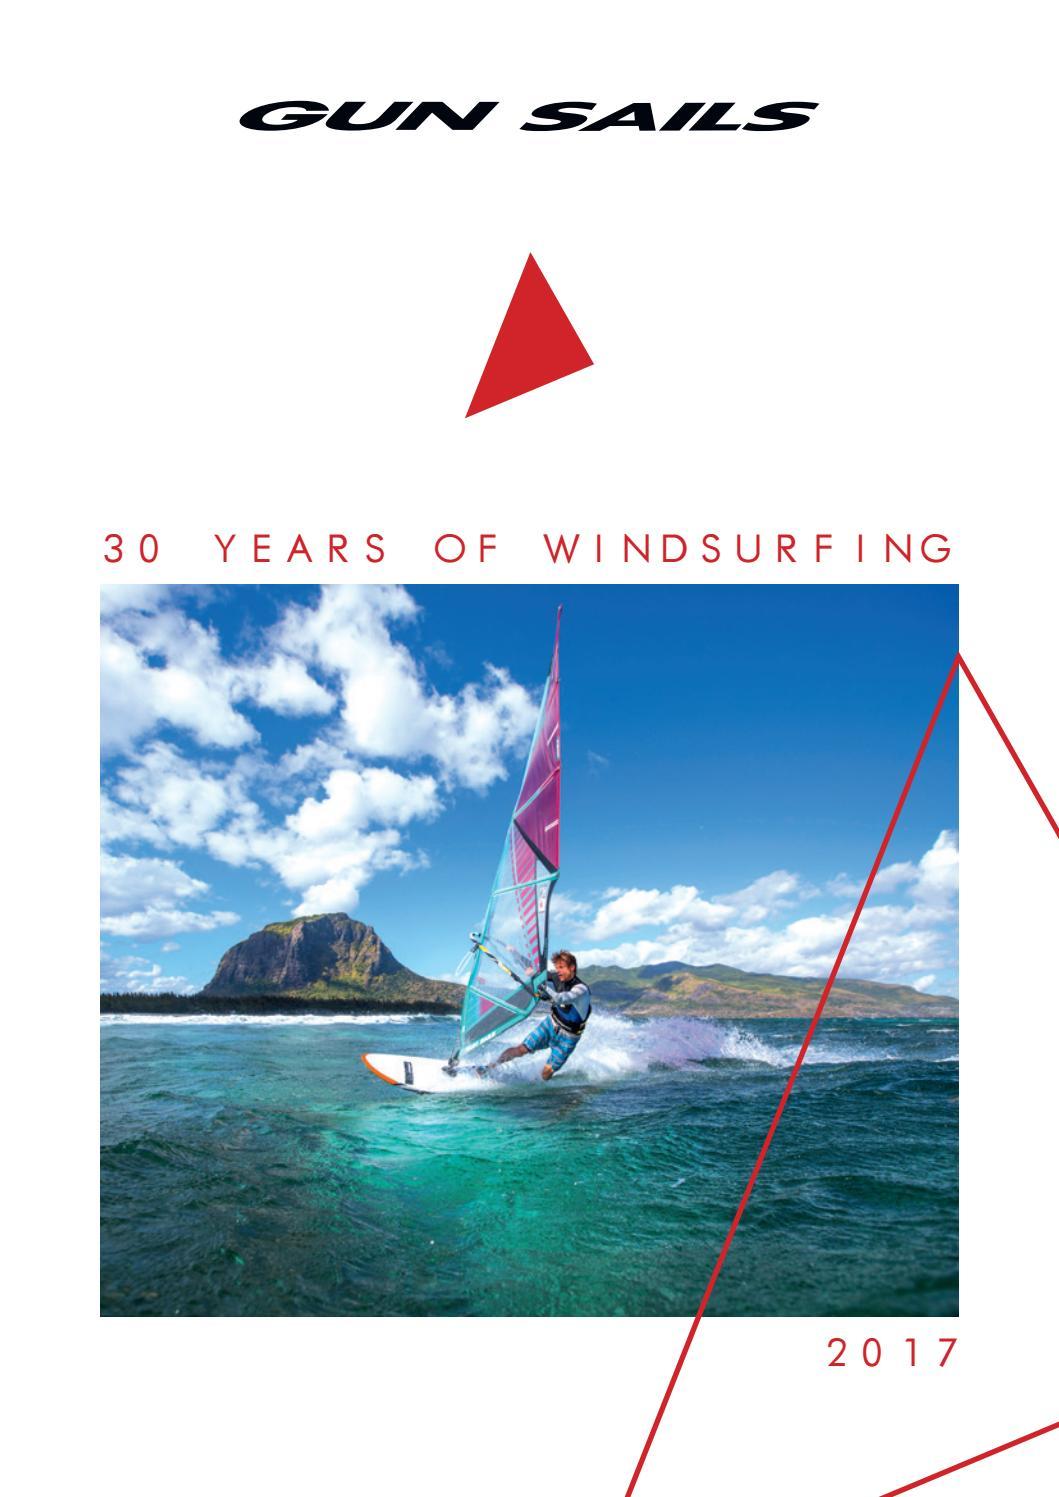 Tendon Joint Für Mastfuß Windsurf Surf Sup Zubehör aus Gummi Schwarz